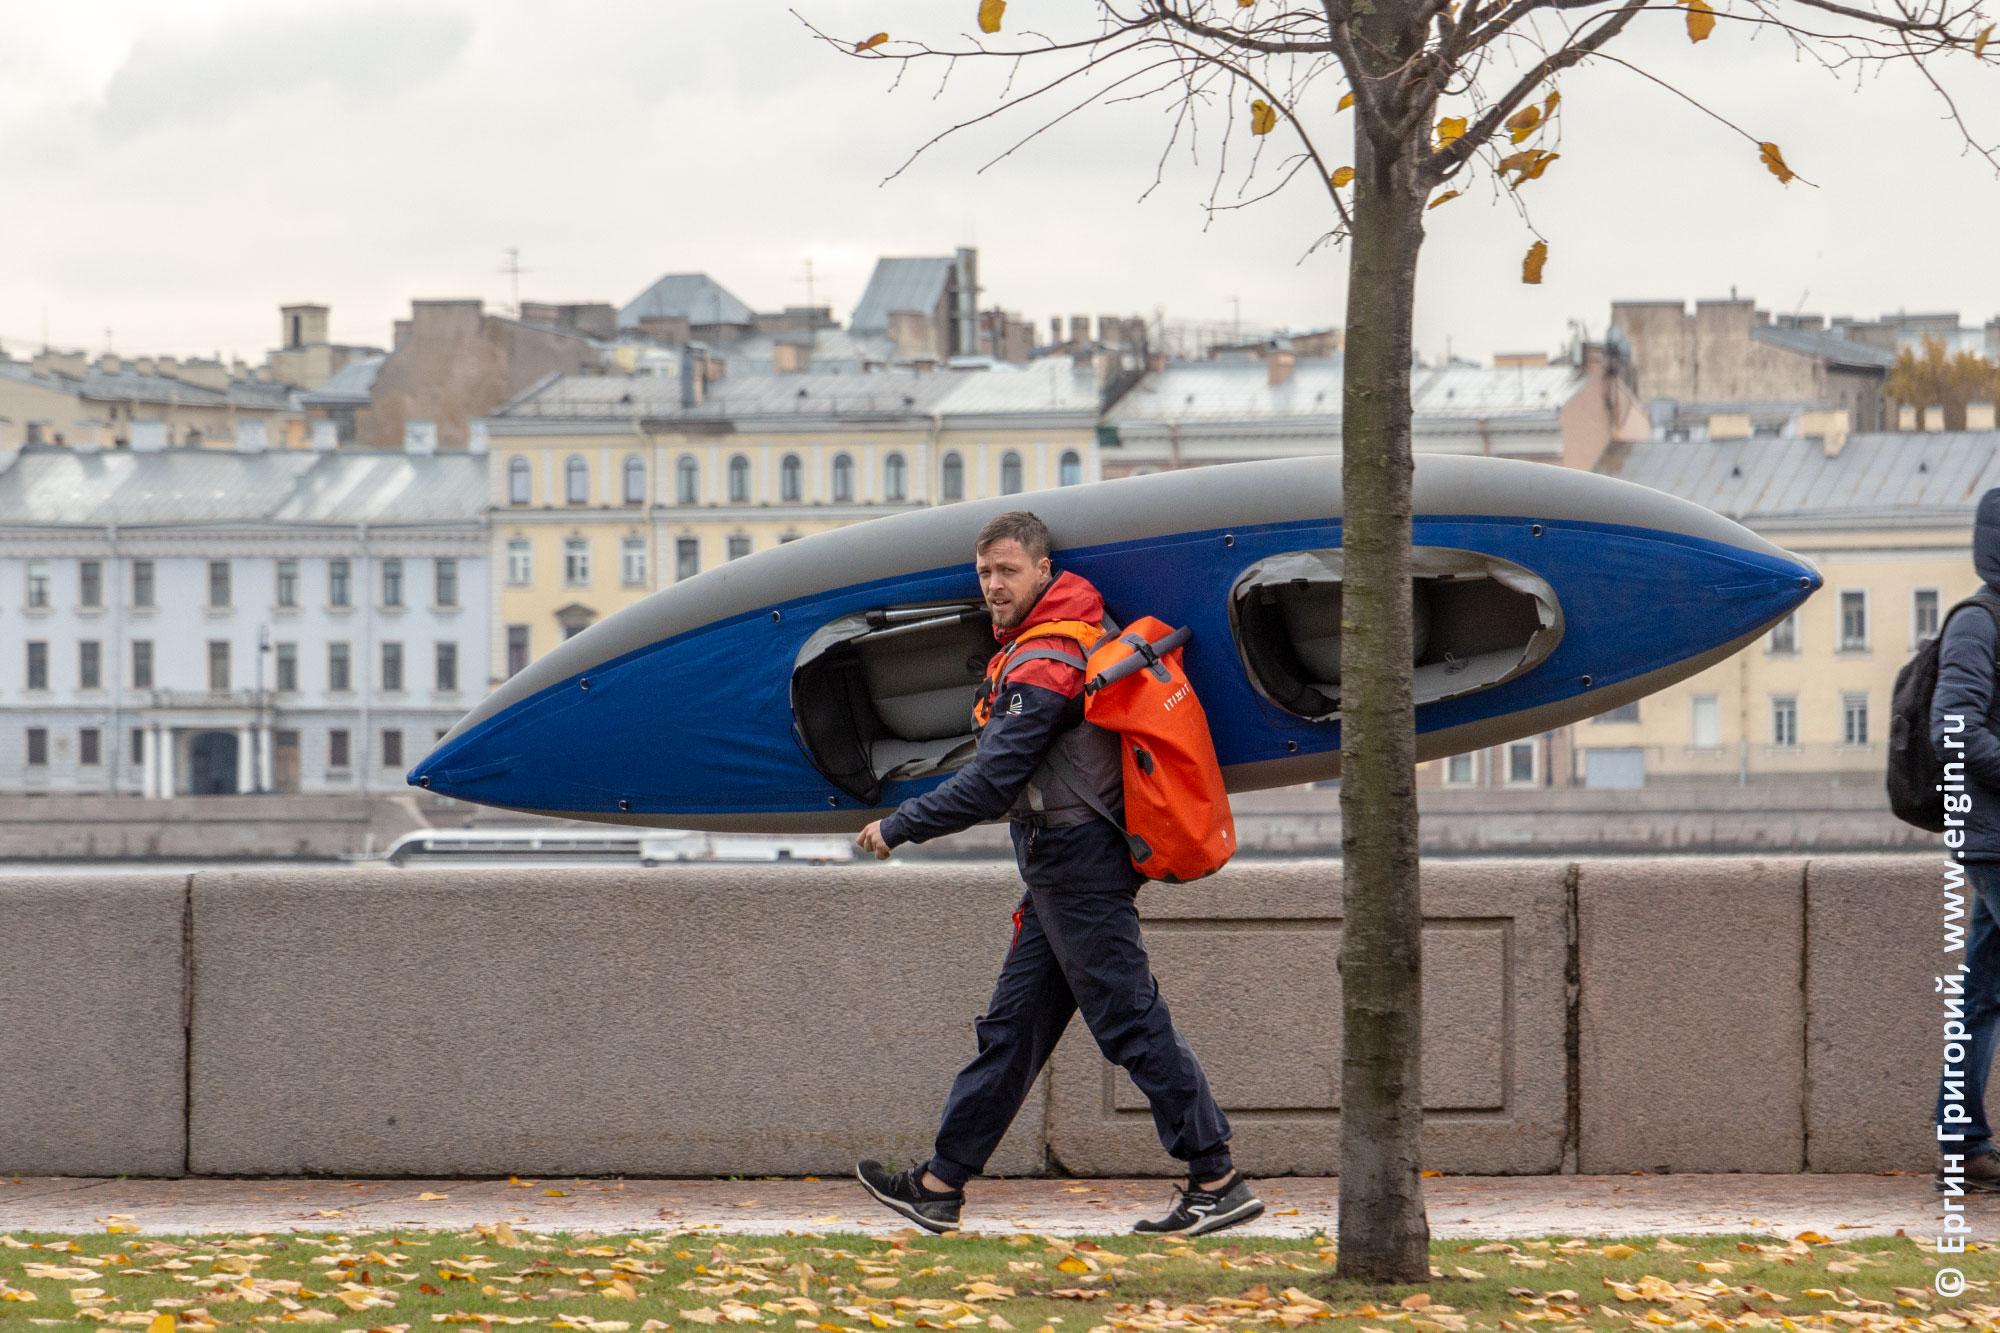 Байдарочник с байдаркой идет по набережной Невы в СПб